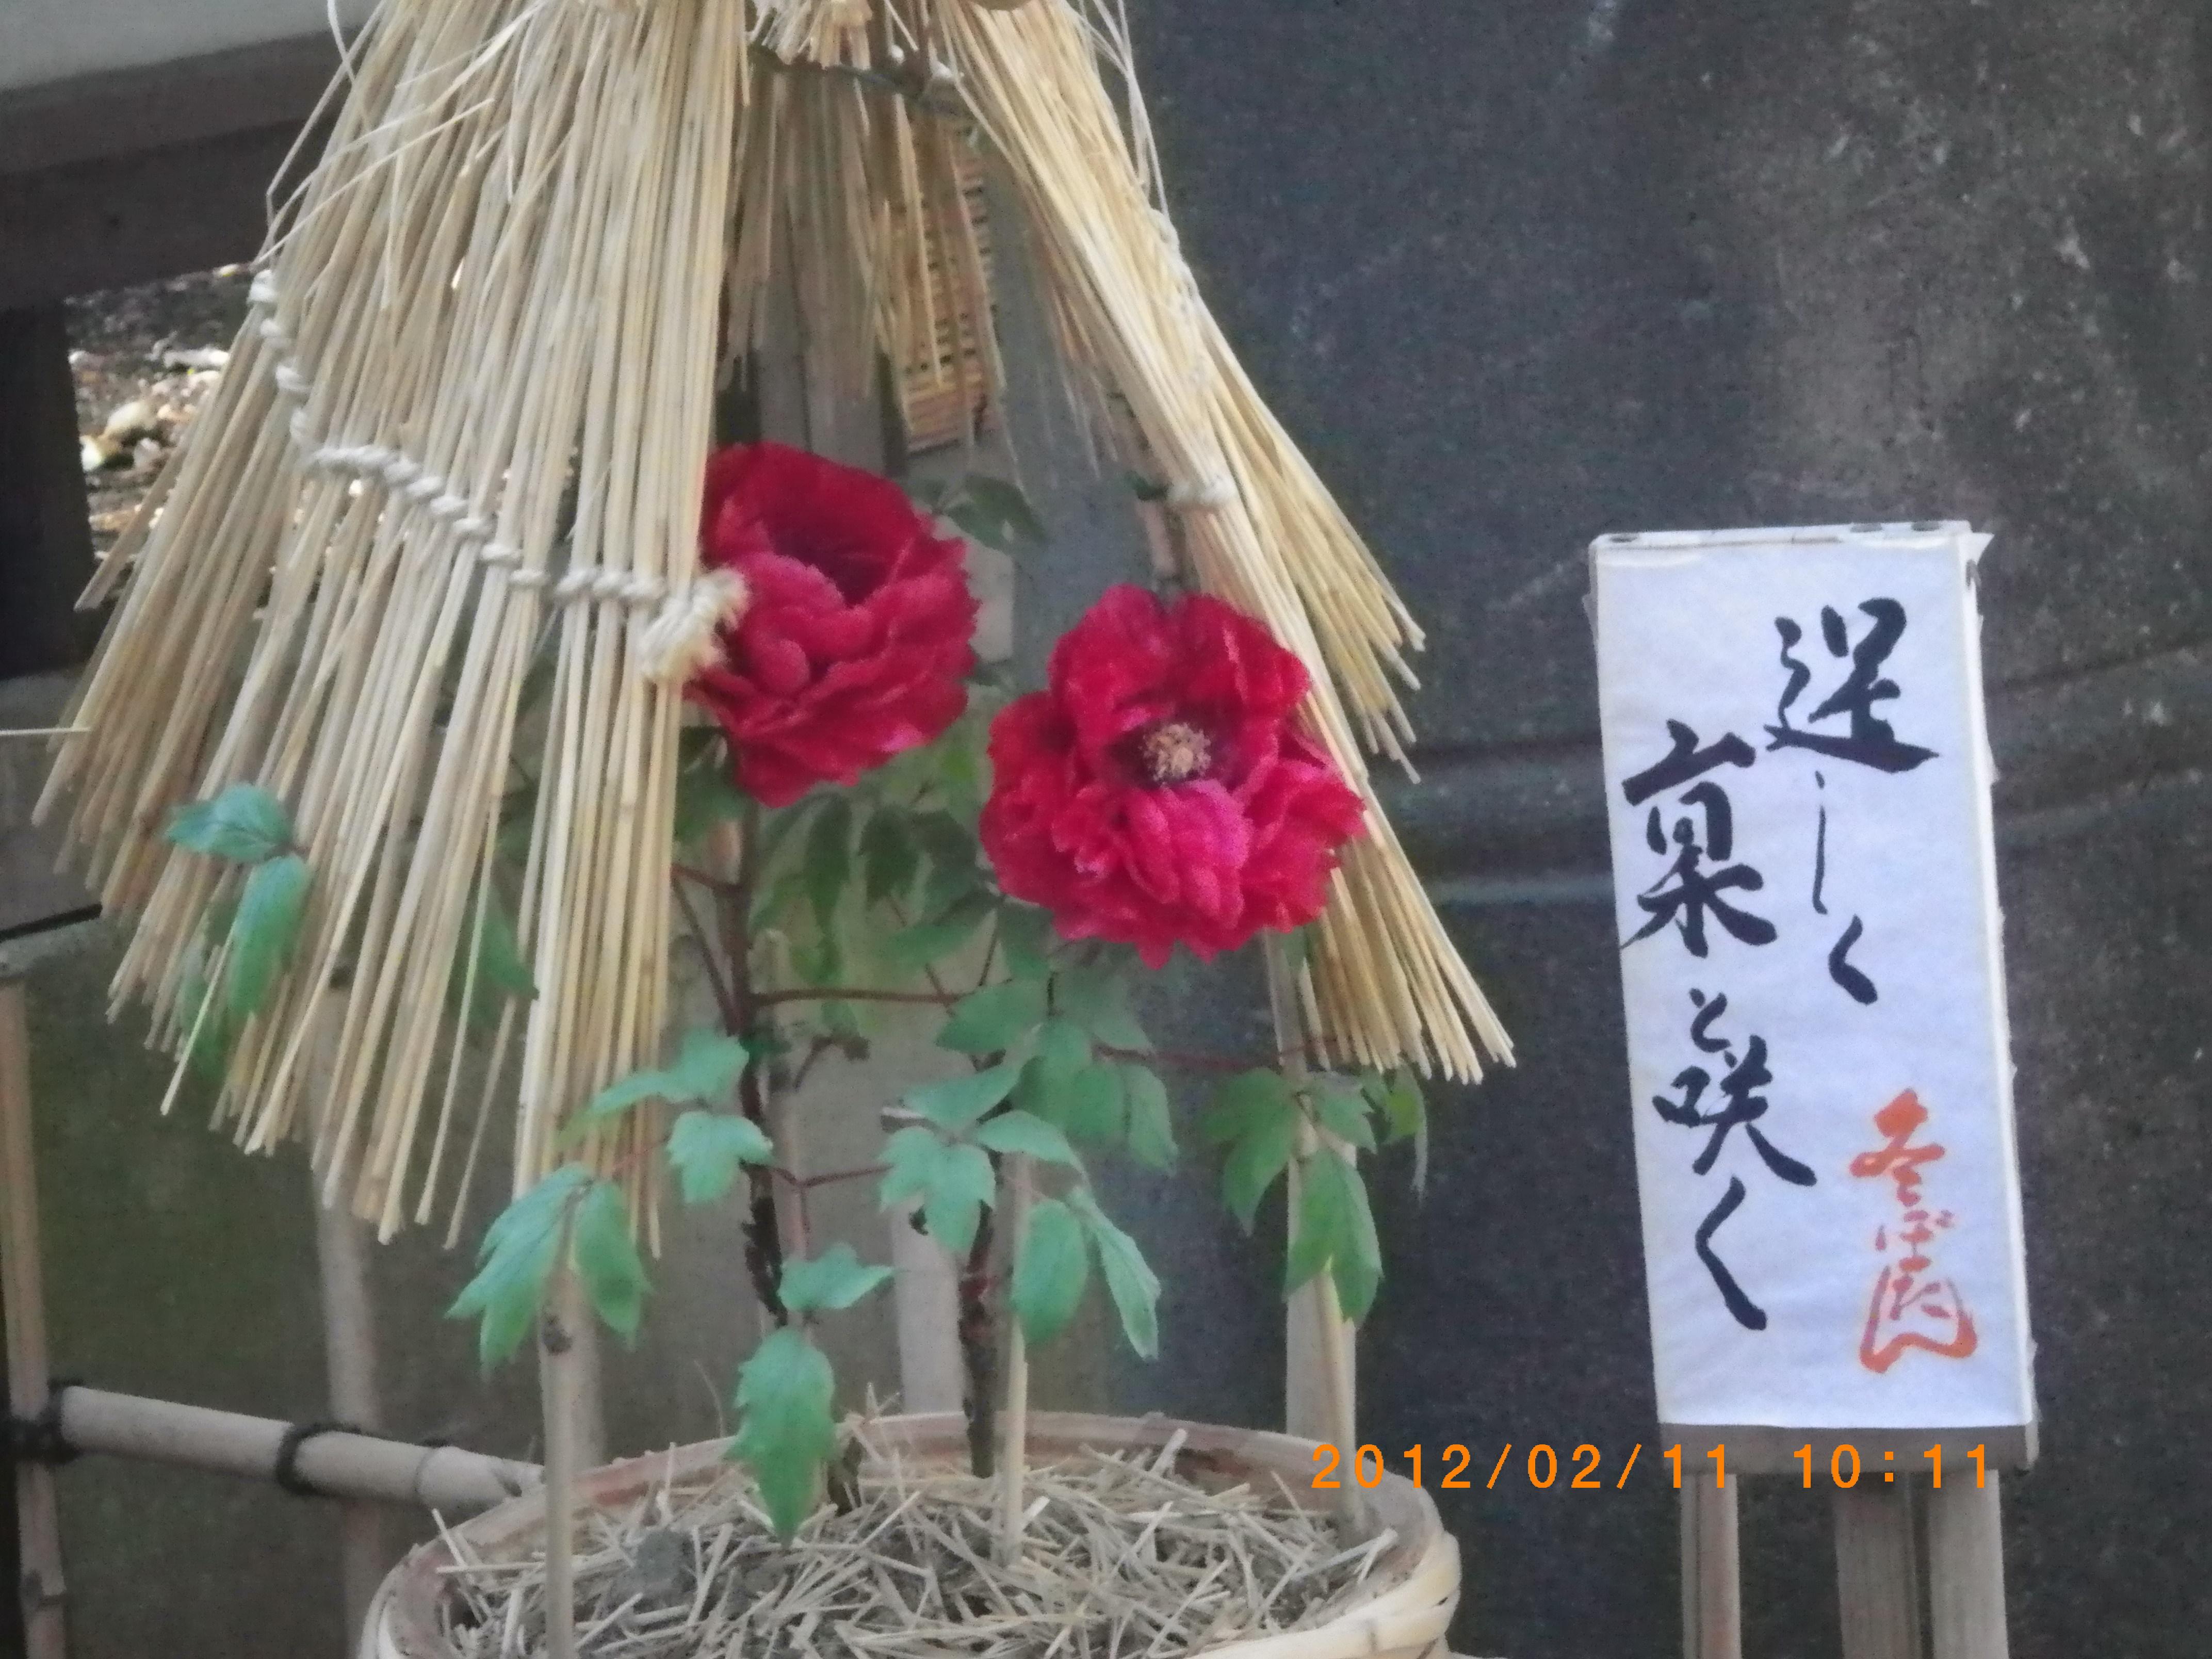 http://www.law-pro.jp/weblog/20120224.JPG